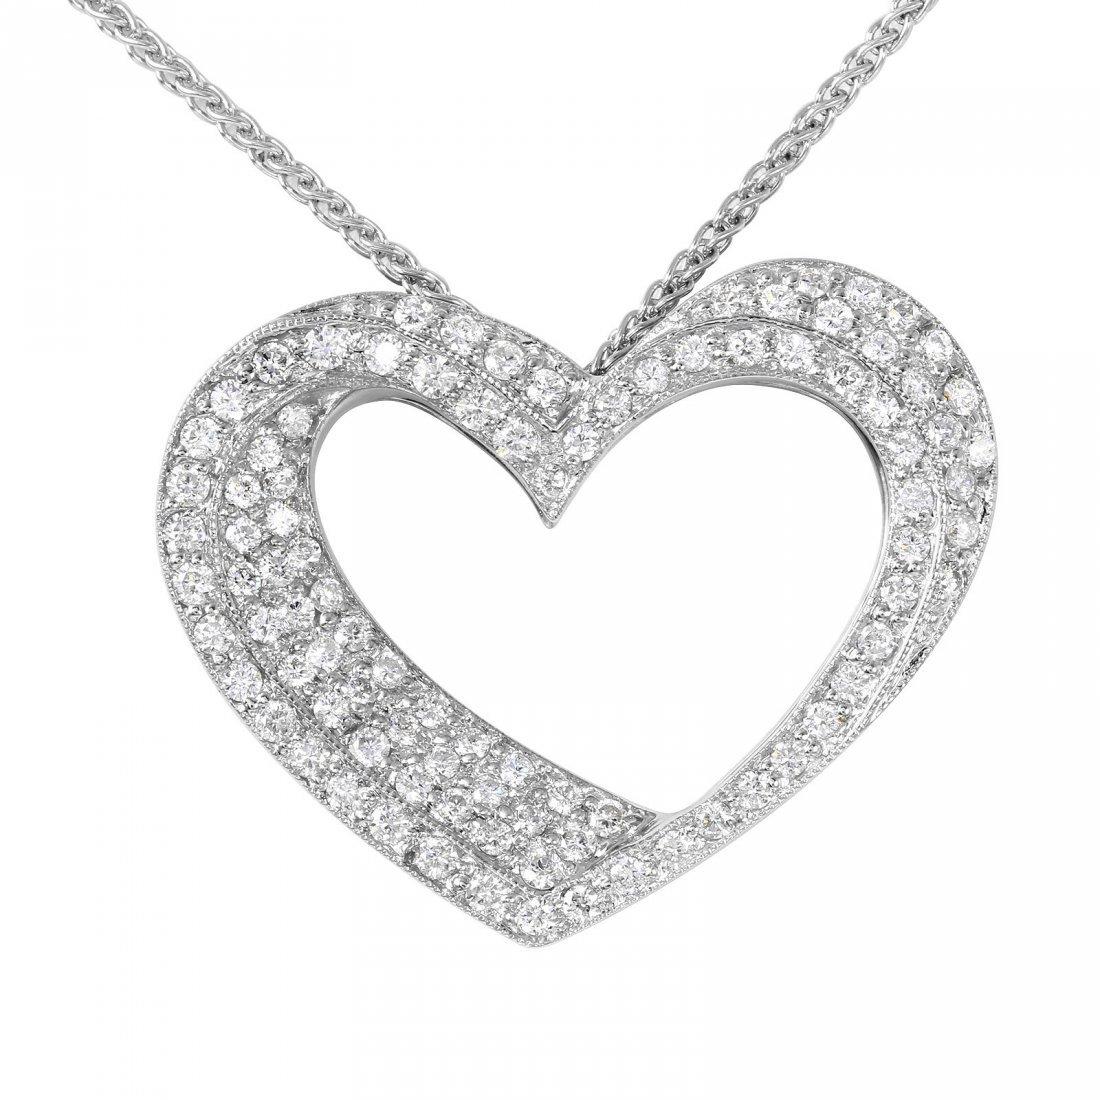 18KT White Gold Diamond Pendant & Chain